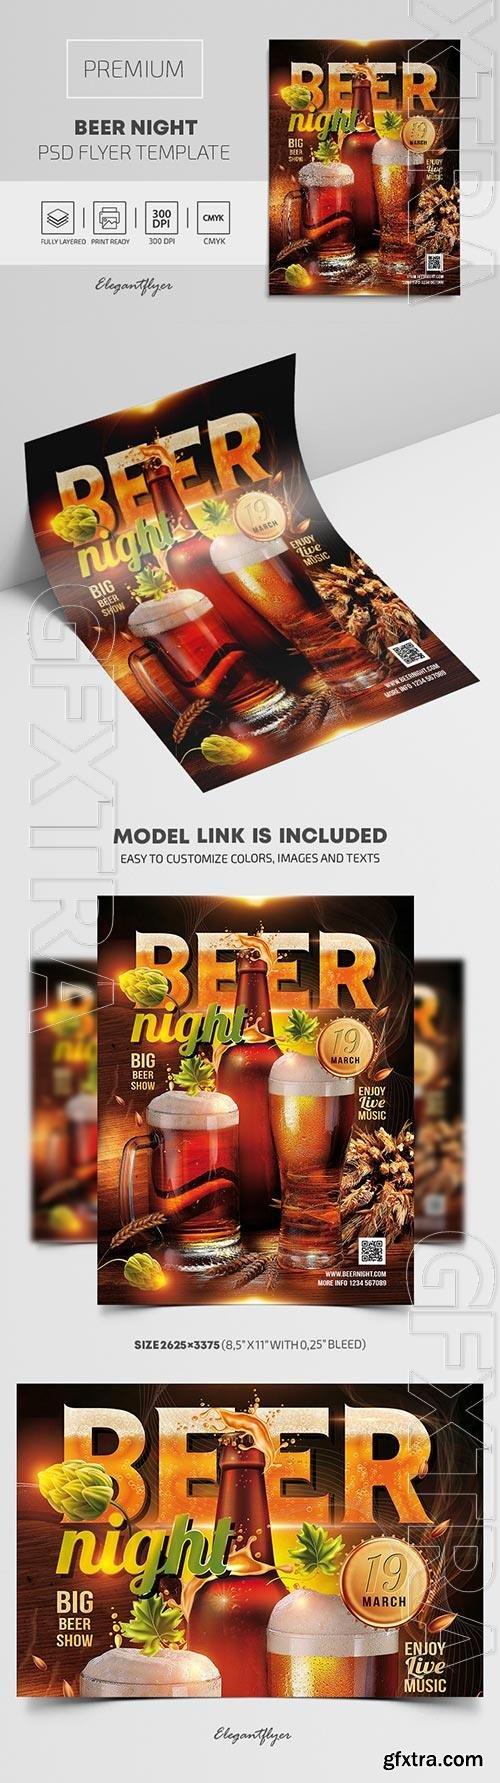 Beer Night Premium PSD Flyer Template